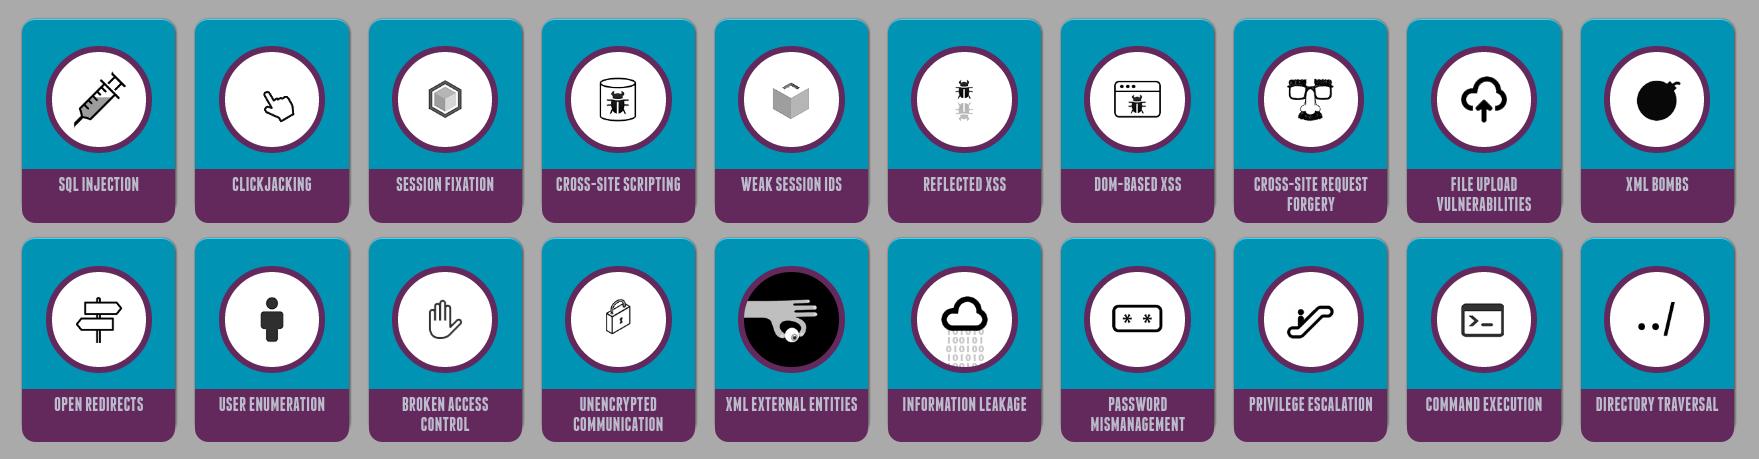 Hacksplaining — интерактивный курс по веб-уязвимостям